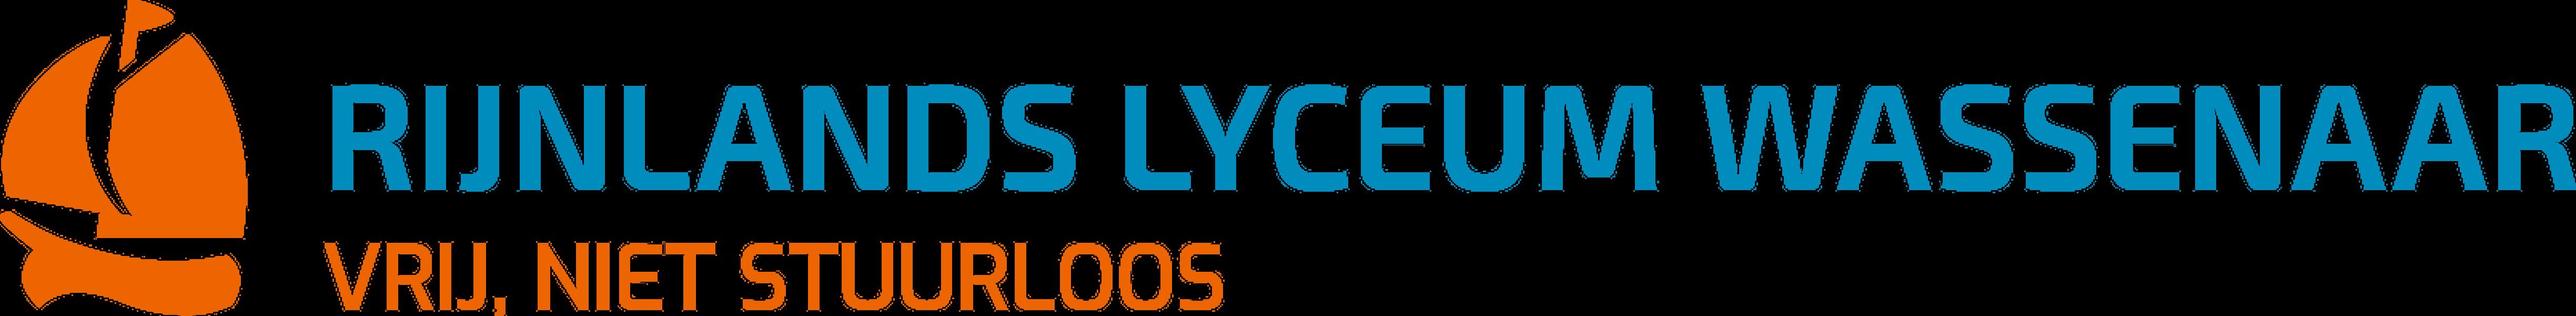 Rijnlands Lyceum Wassenaar logo